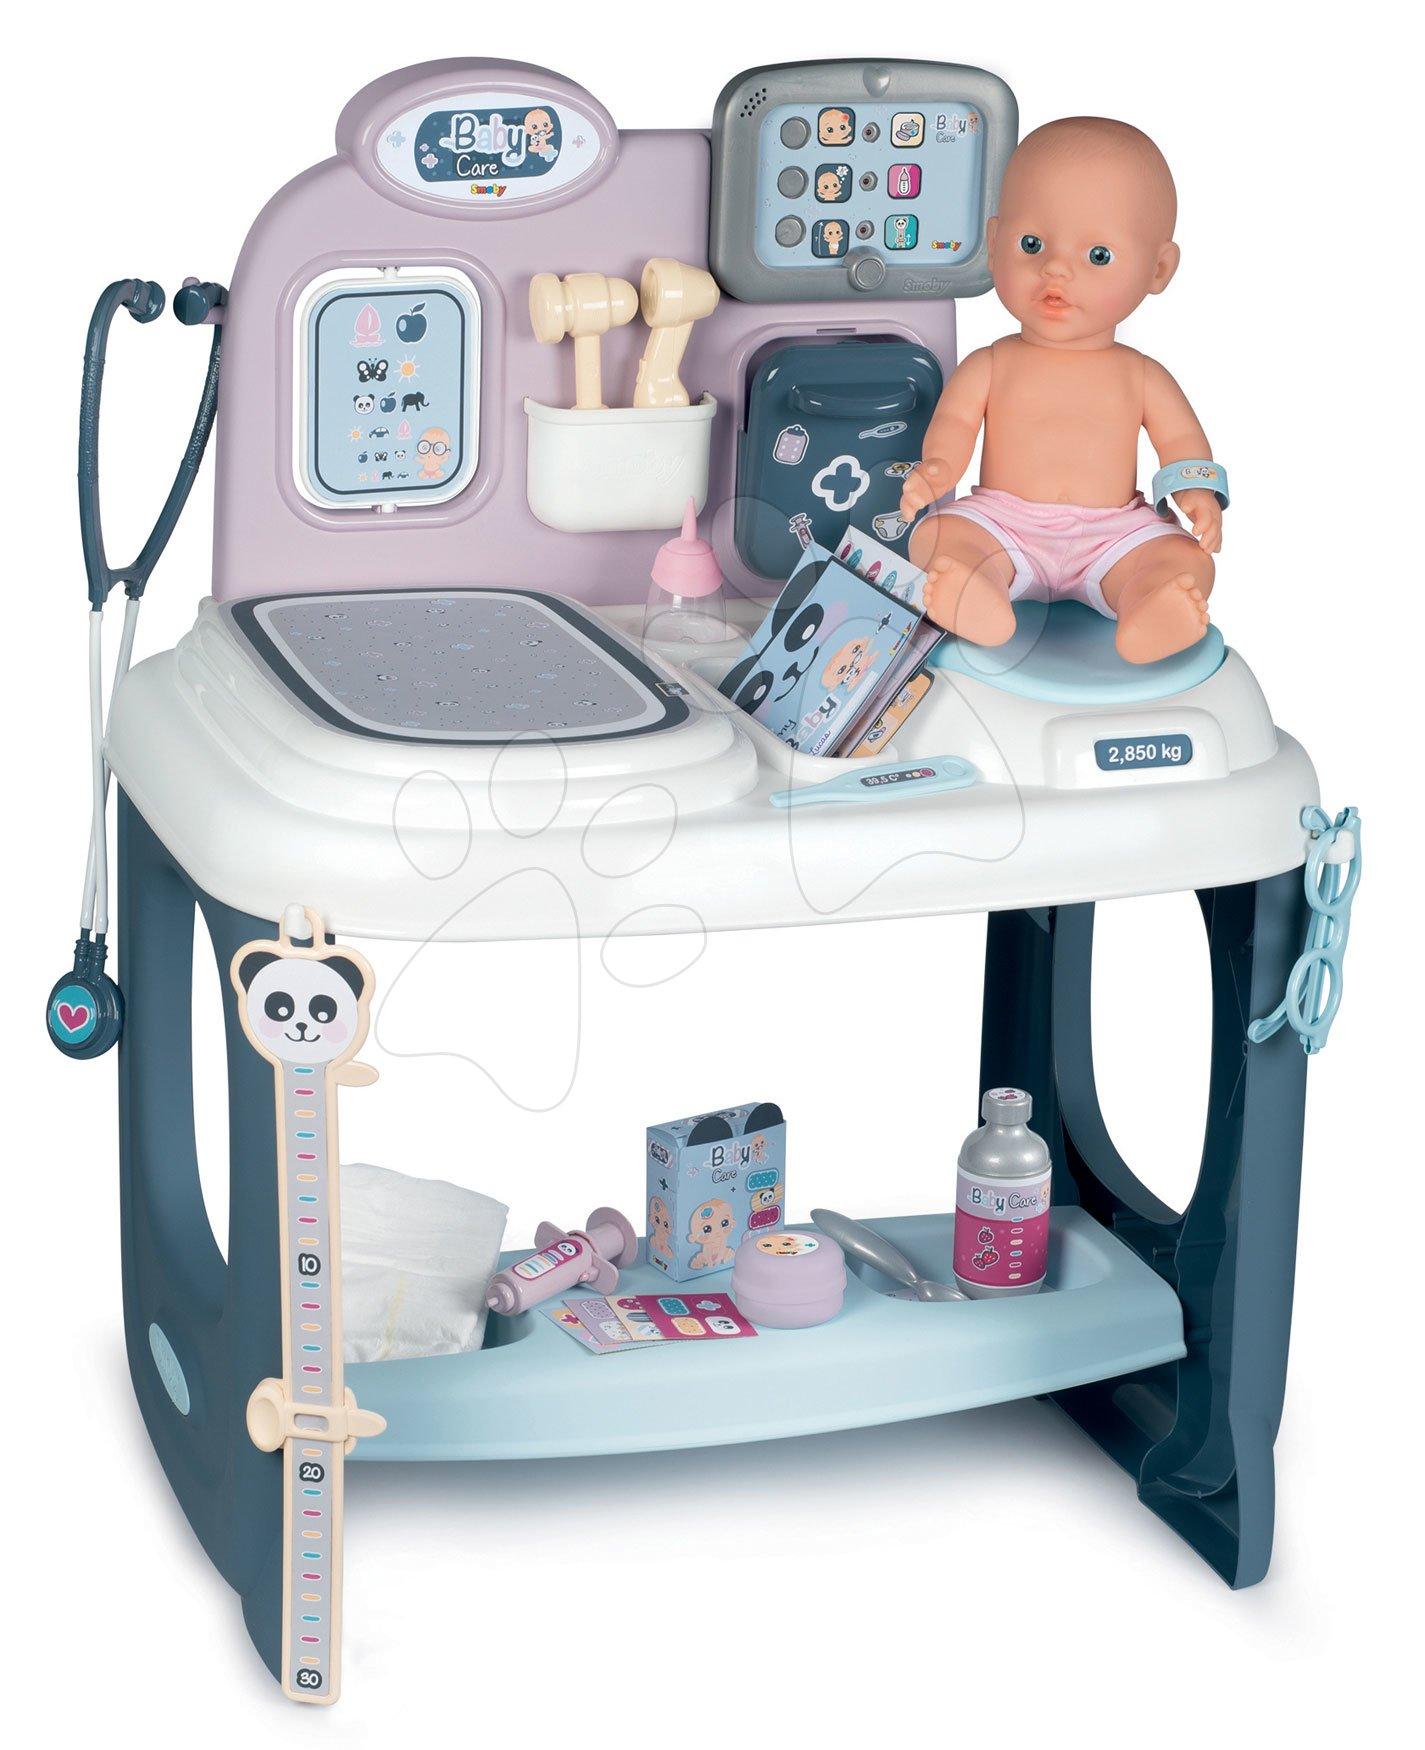 Cărucioare medicale pentru copii - Masă medicală Baby Care Center Smoby electronică cu sunete, lumini și păpușă cu 28 accesorii de la 3 ani